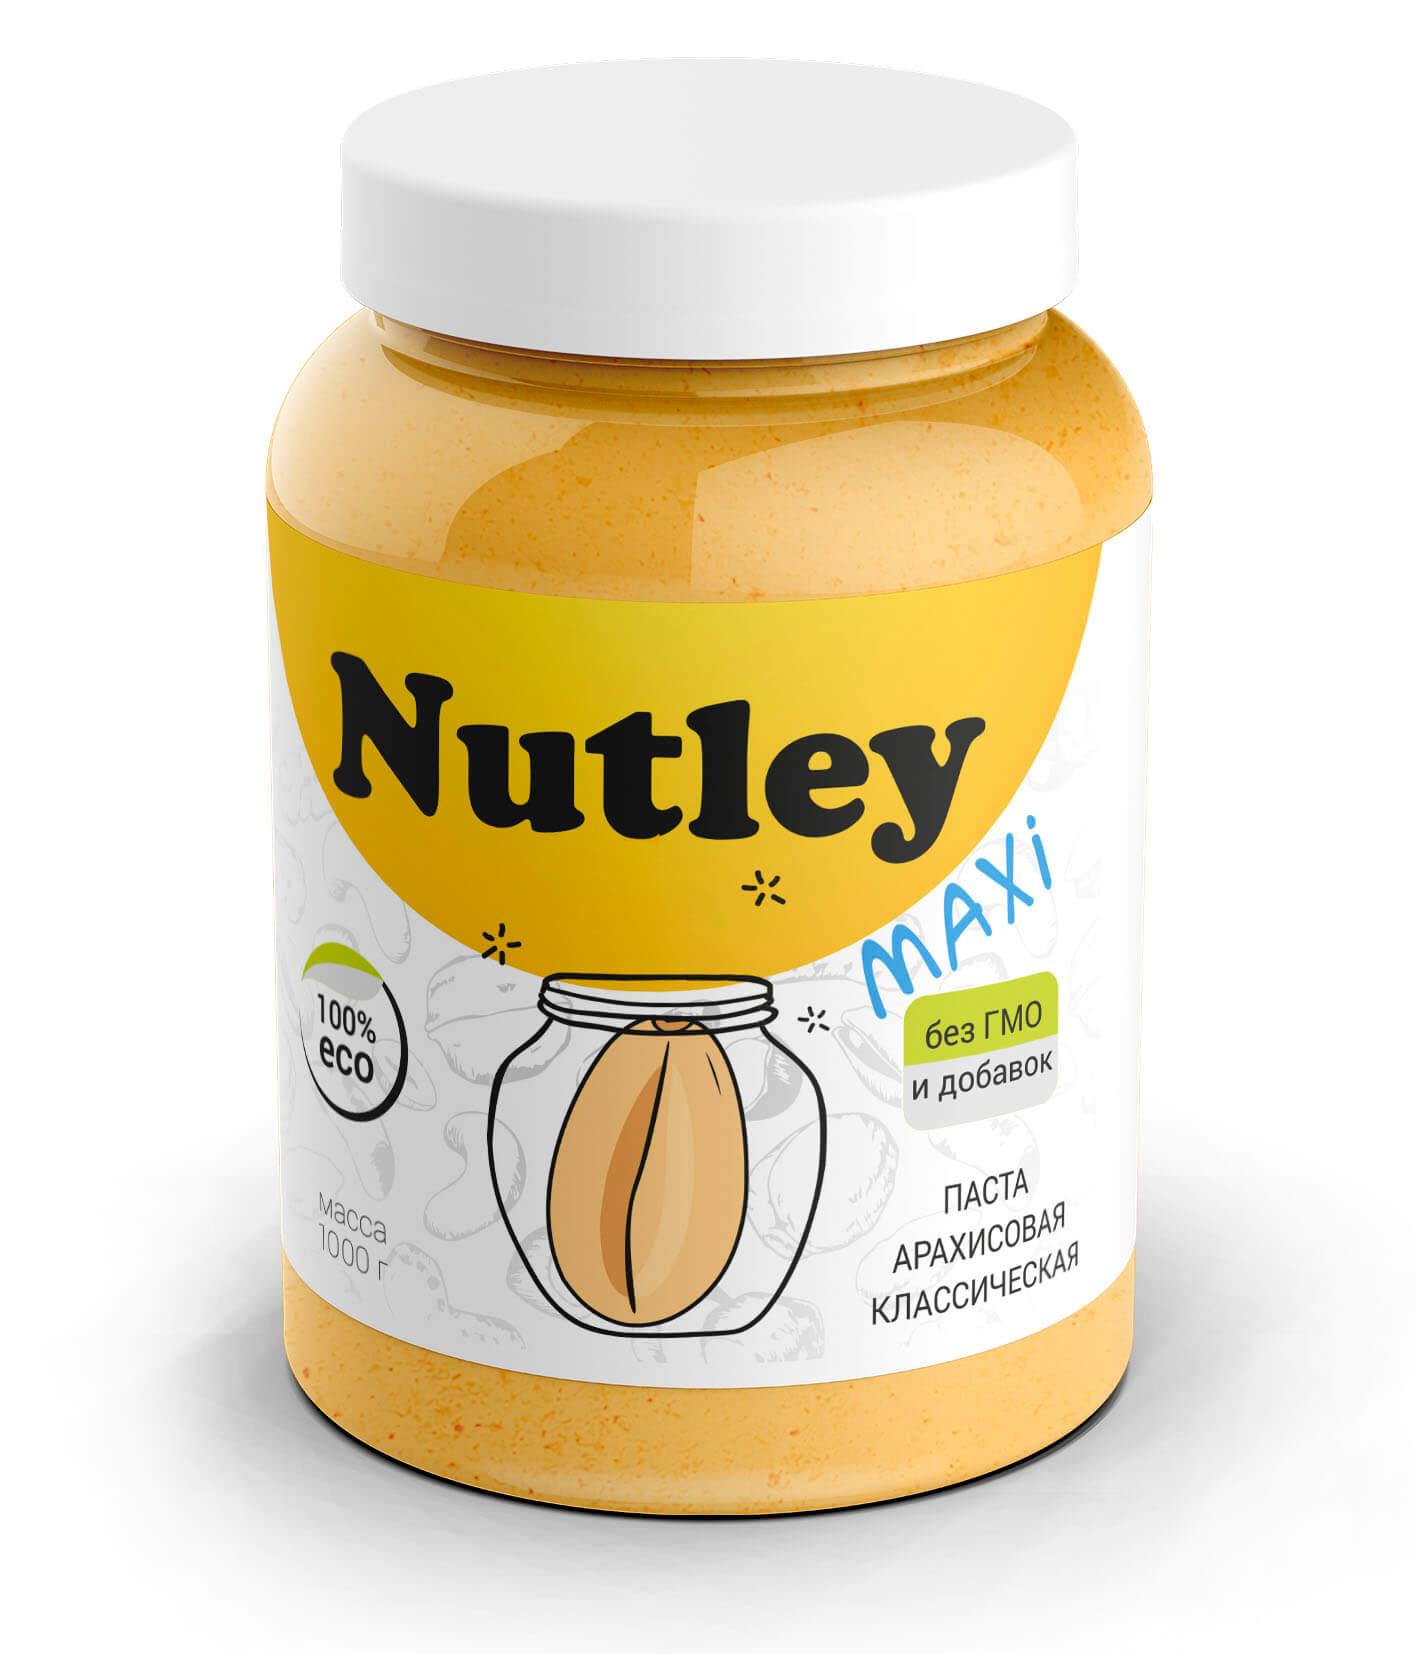 Арахисовая паста Nutley Classic (классическая)